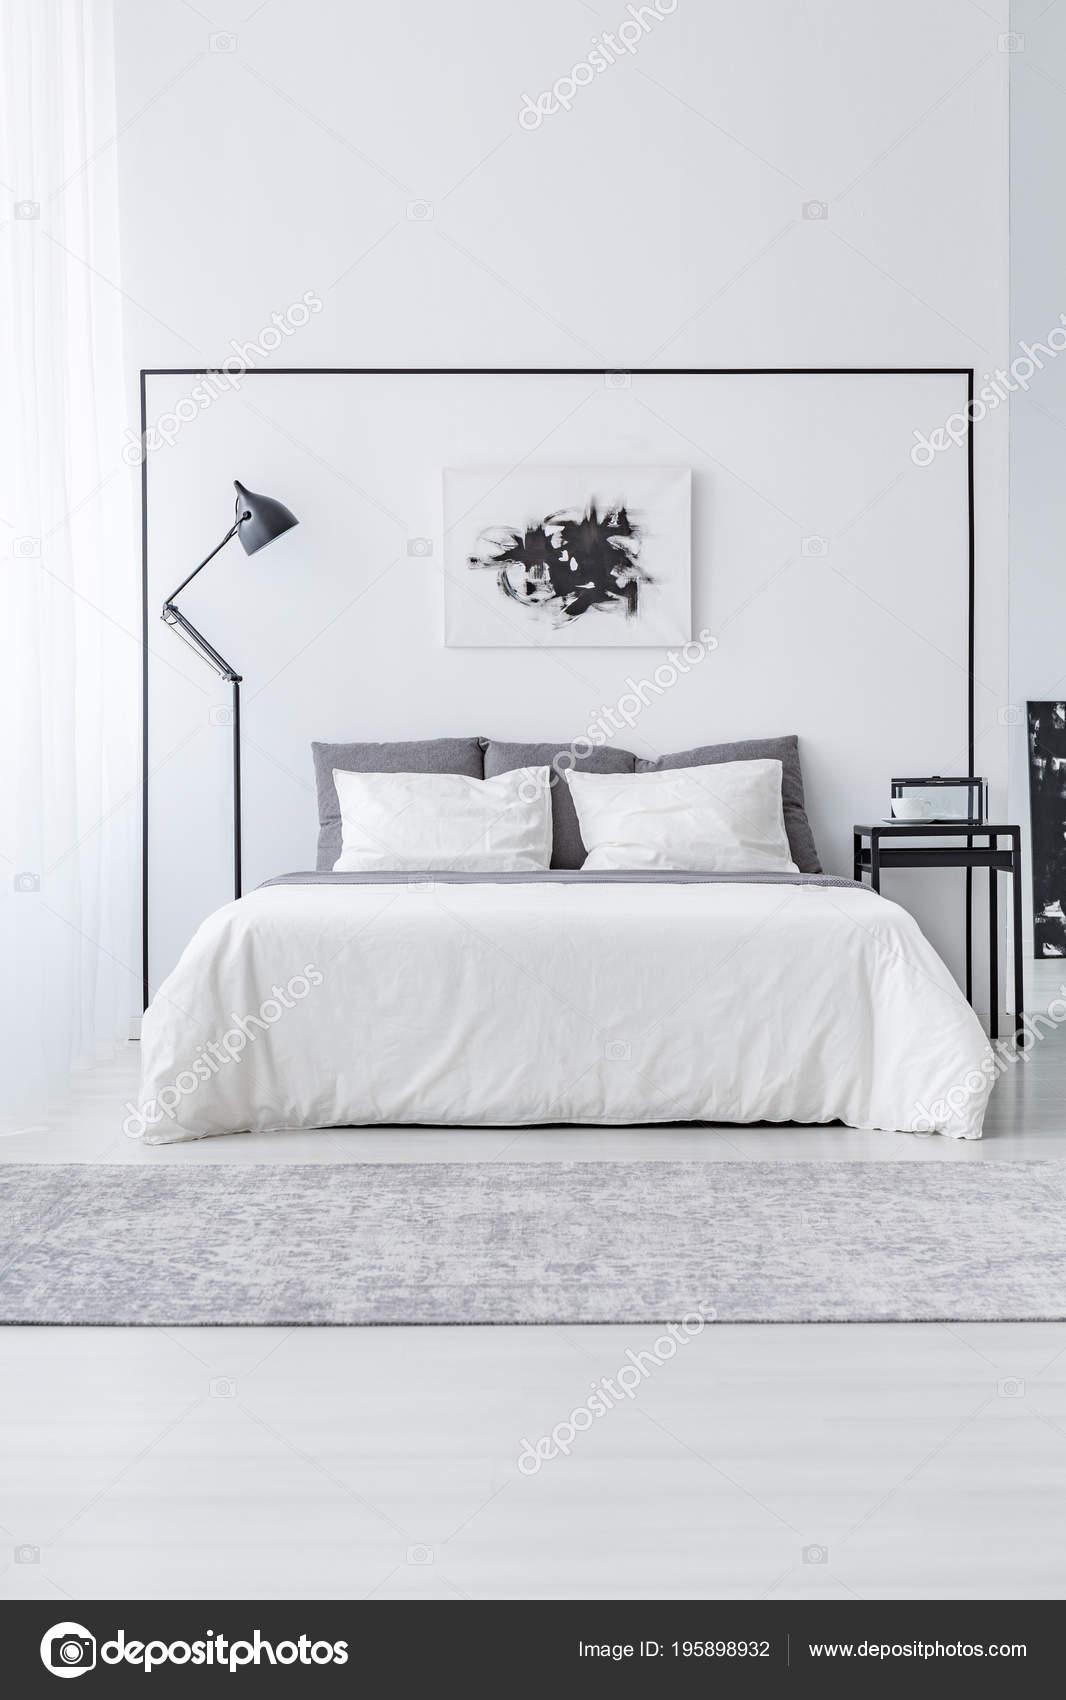 Affiche Noir Blanc Dessus Lit Entre Table Lampe Interieur Chambre